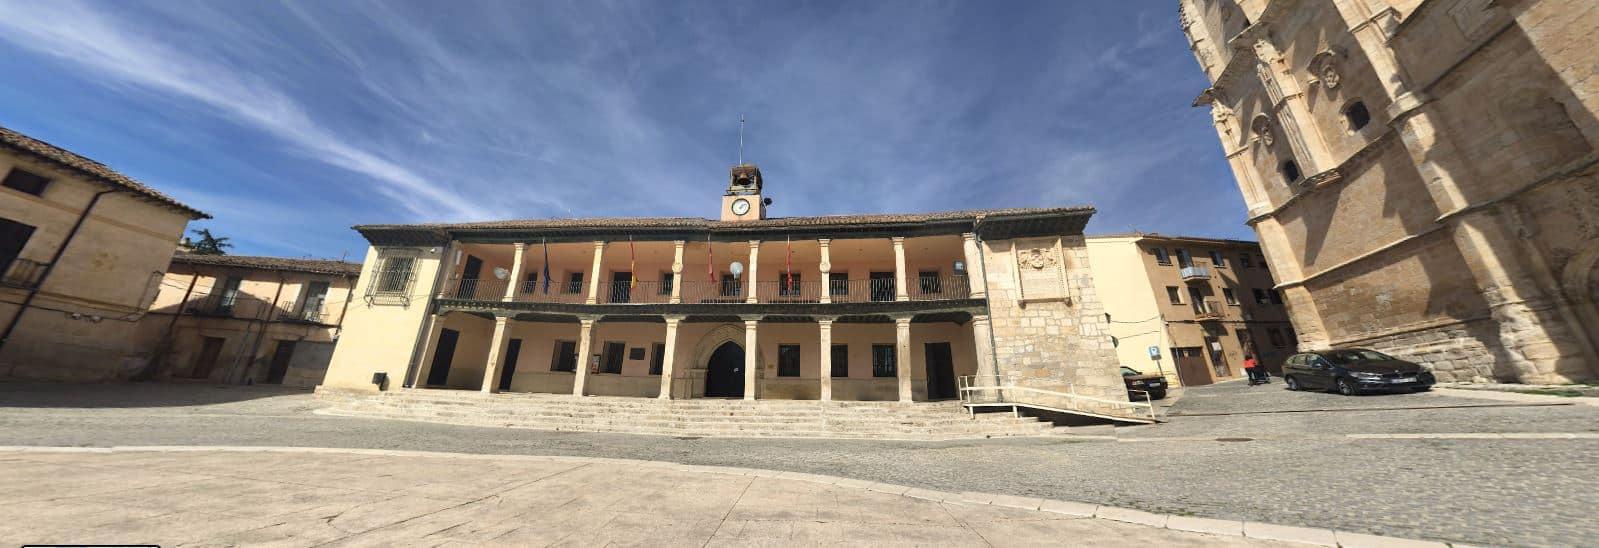 Registro civil - Ayuntamiento Torrelaguna